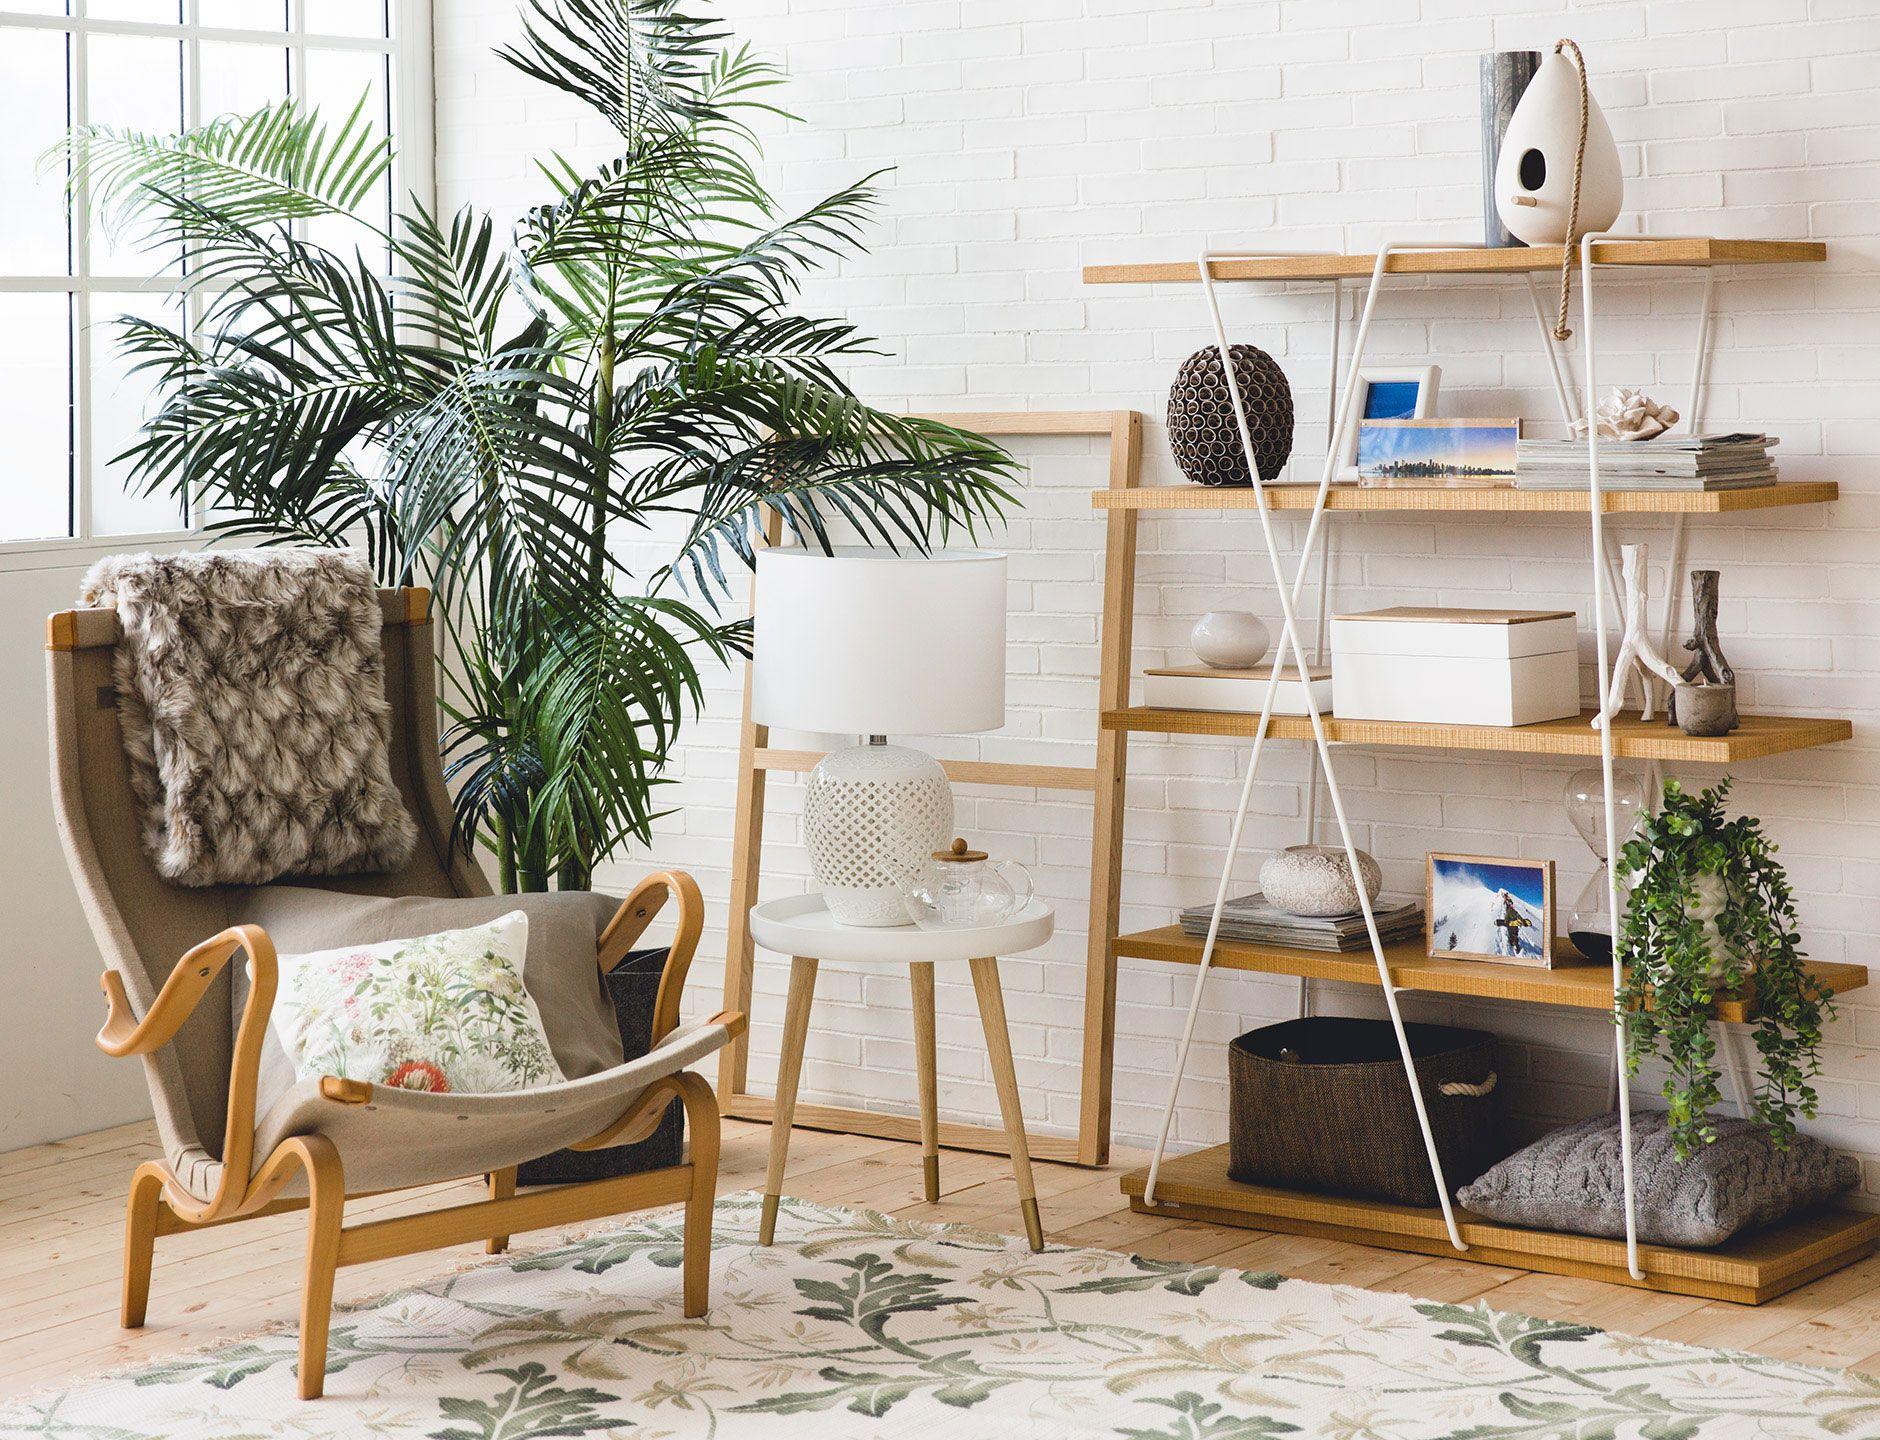 LookBook | Zara home decor, Home decor inspiration, Home